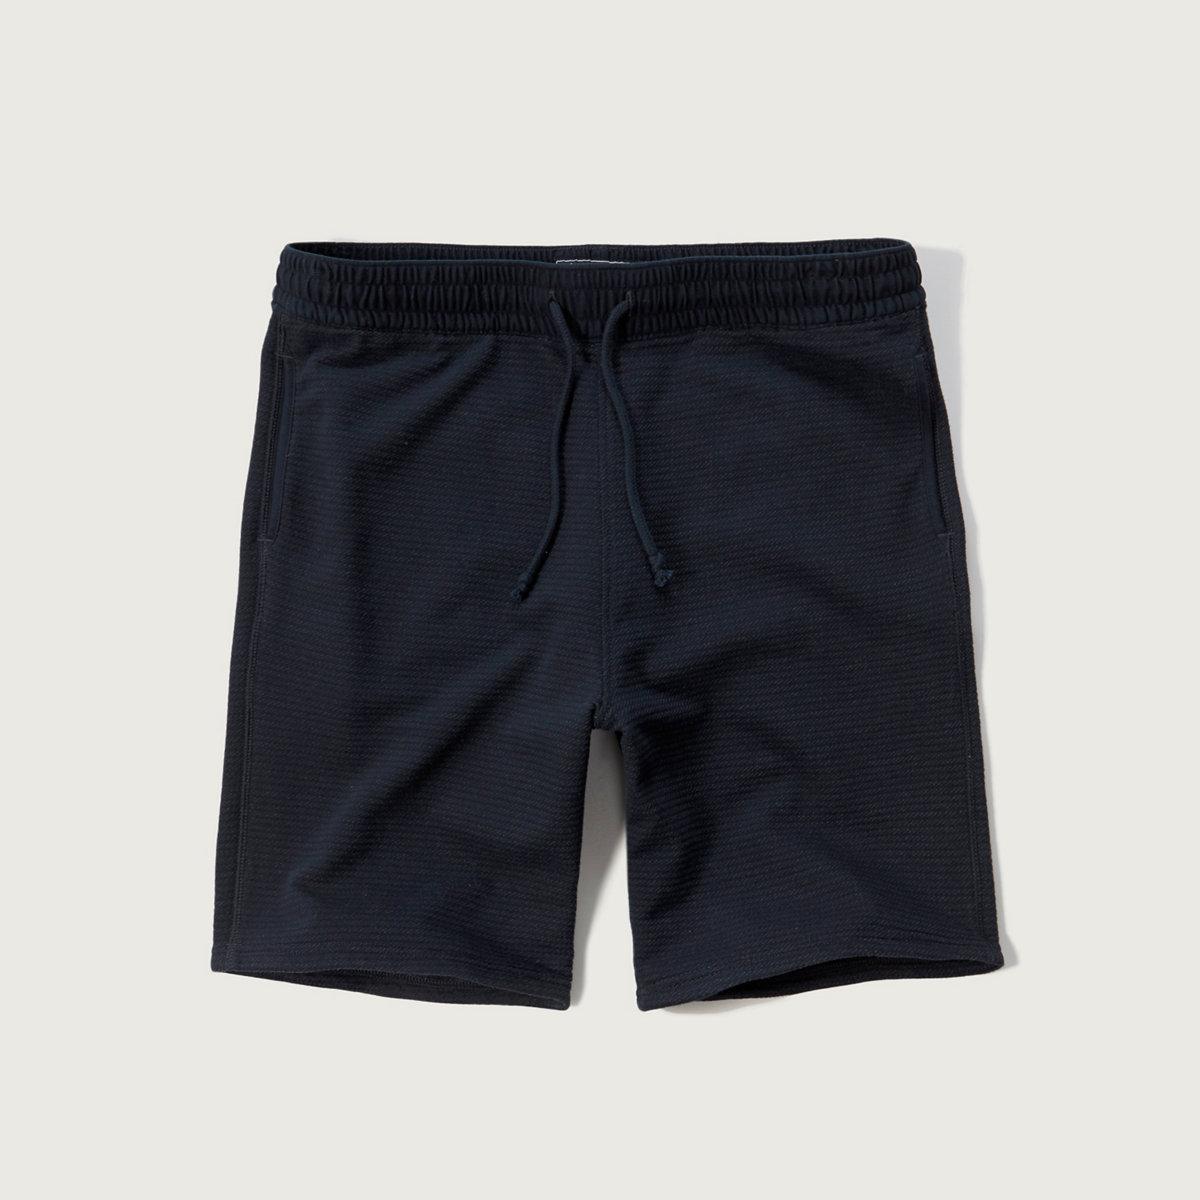 Ribbed Knit Shorts